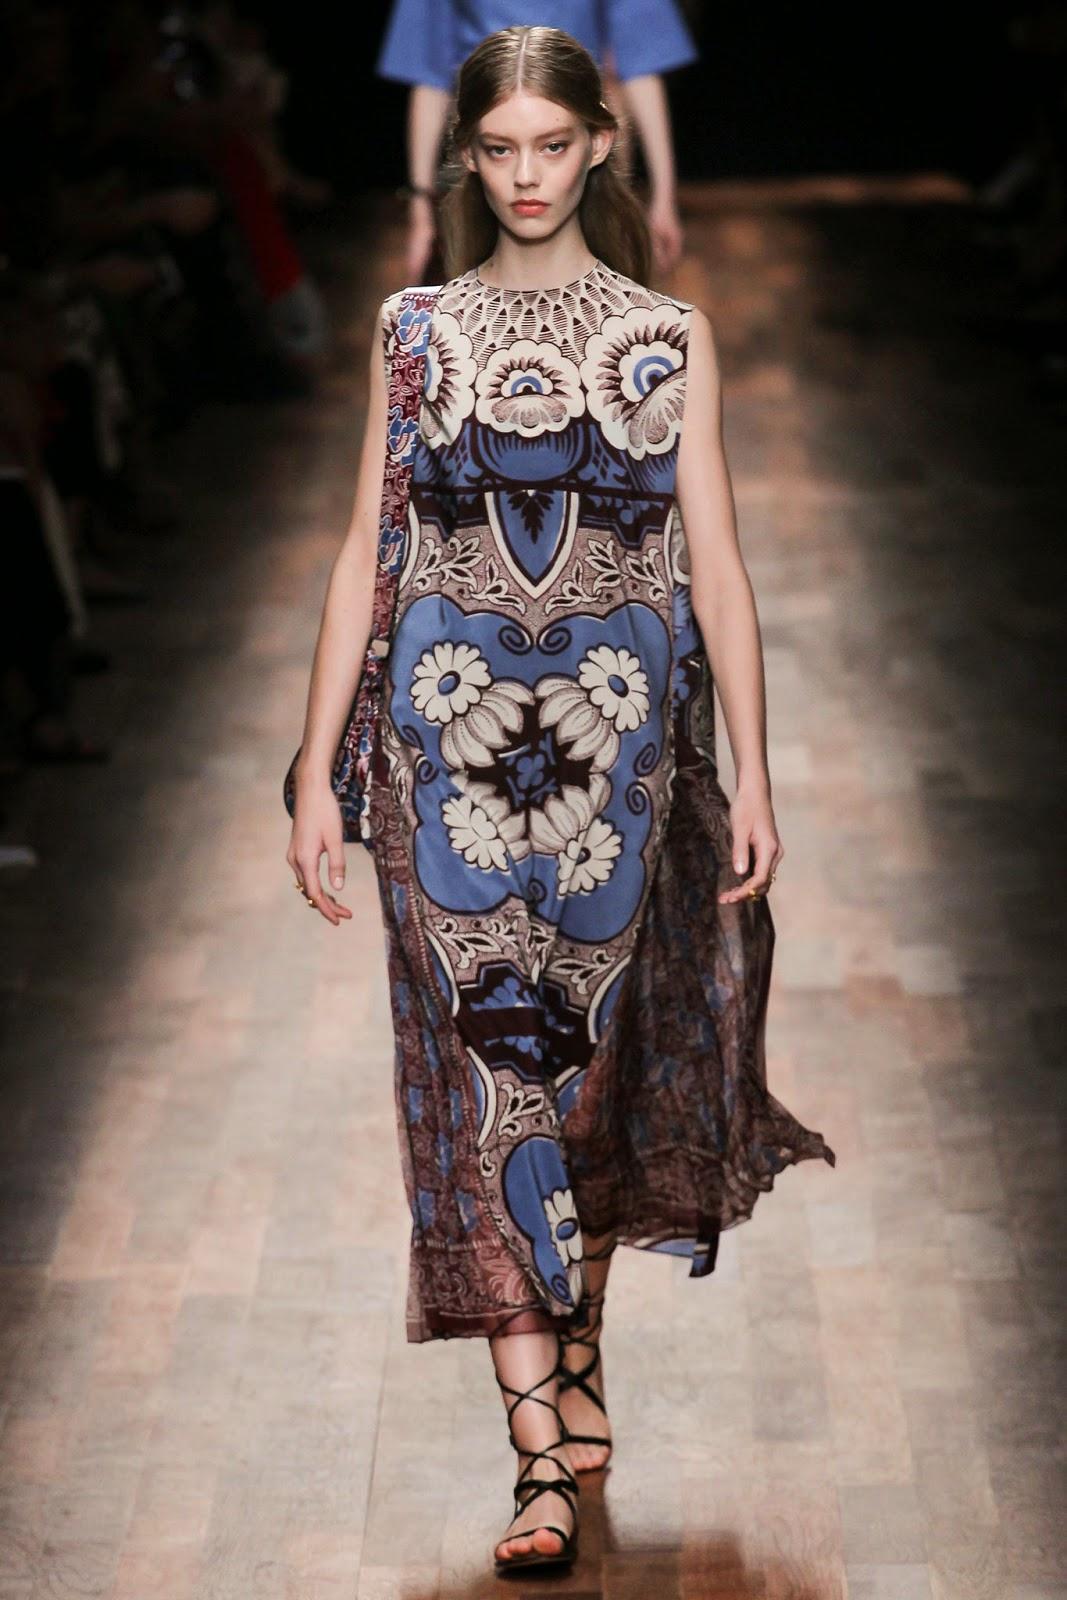 valentino 2015 summer 2016 trend women dress26 Valentino 2015 samling, våren sommaren 2016 Valentino klänning modeller, Valentino kväll klänning nya säsongen kvinnors kjolar modeller